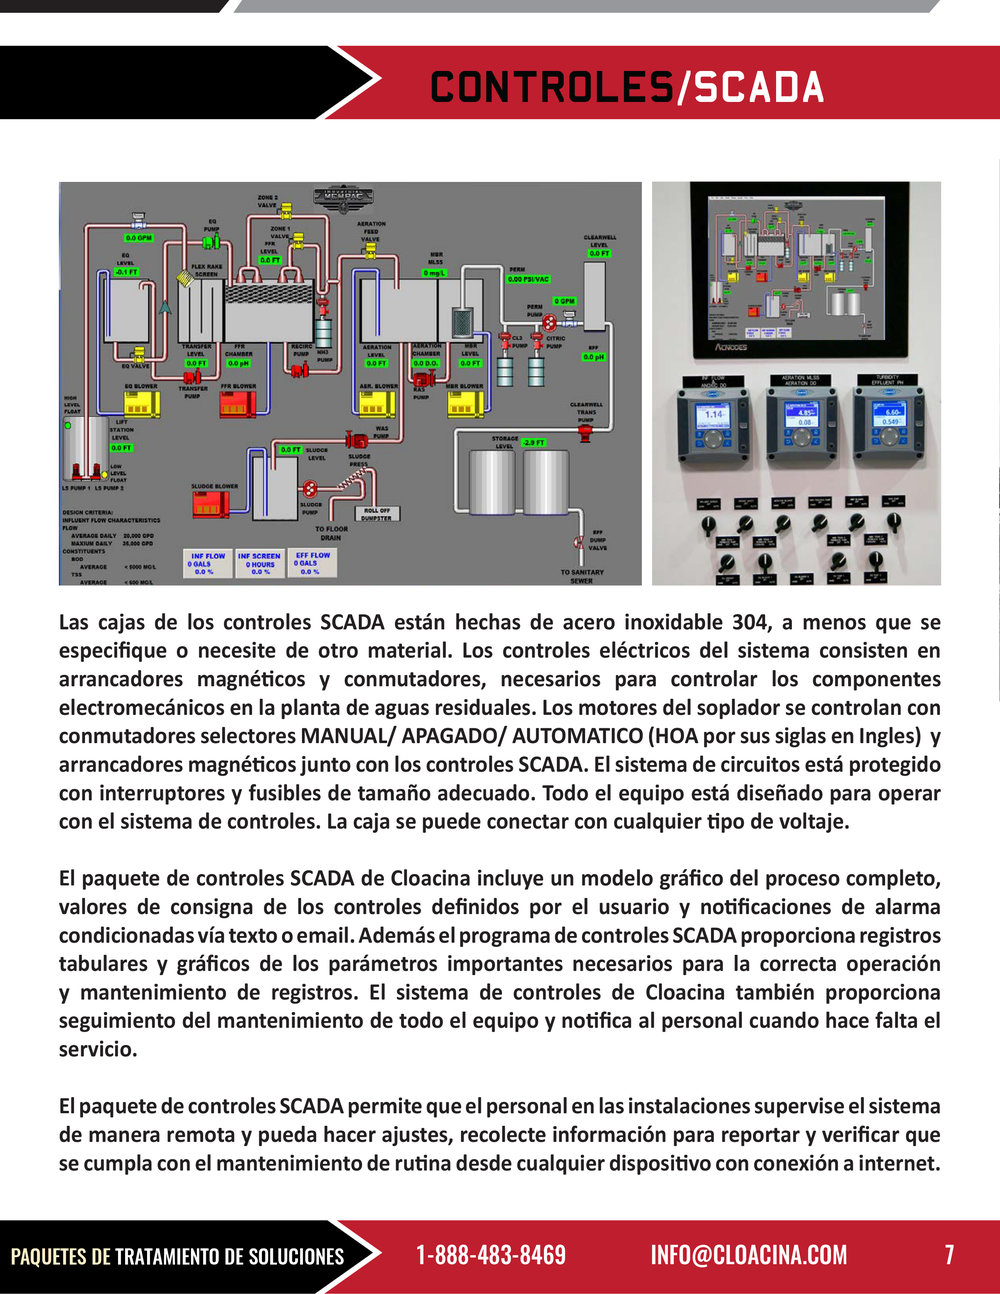 MEMPAC-I-Spanish copy-8.jpg